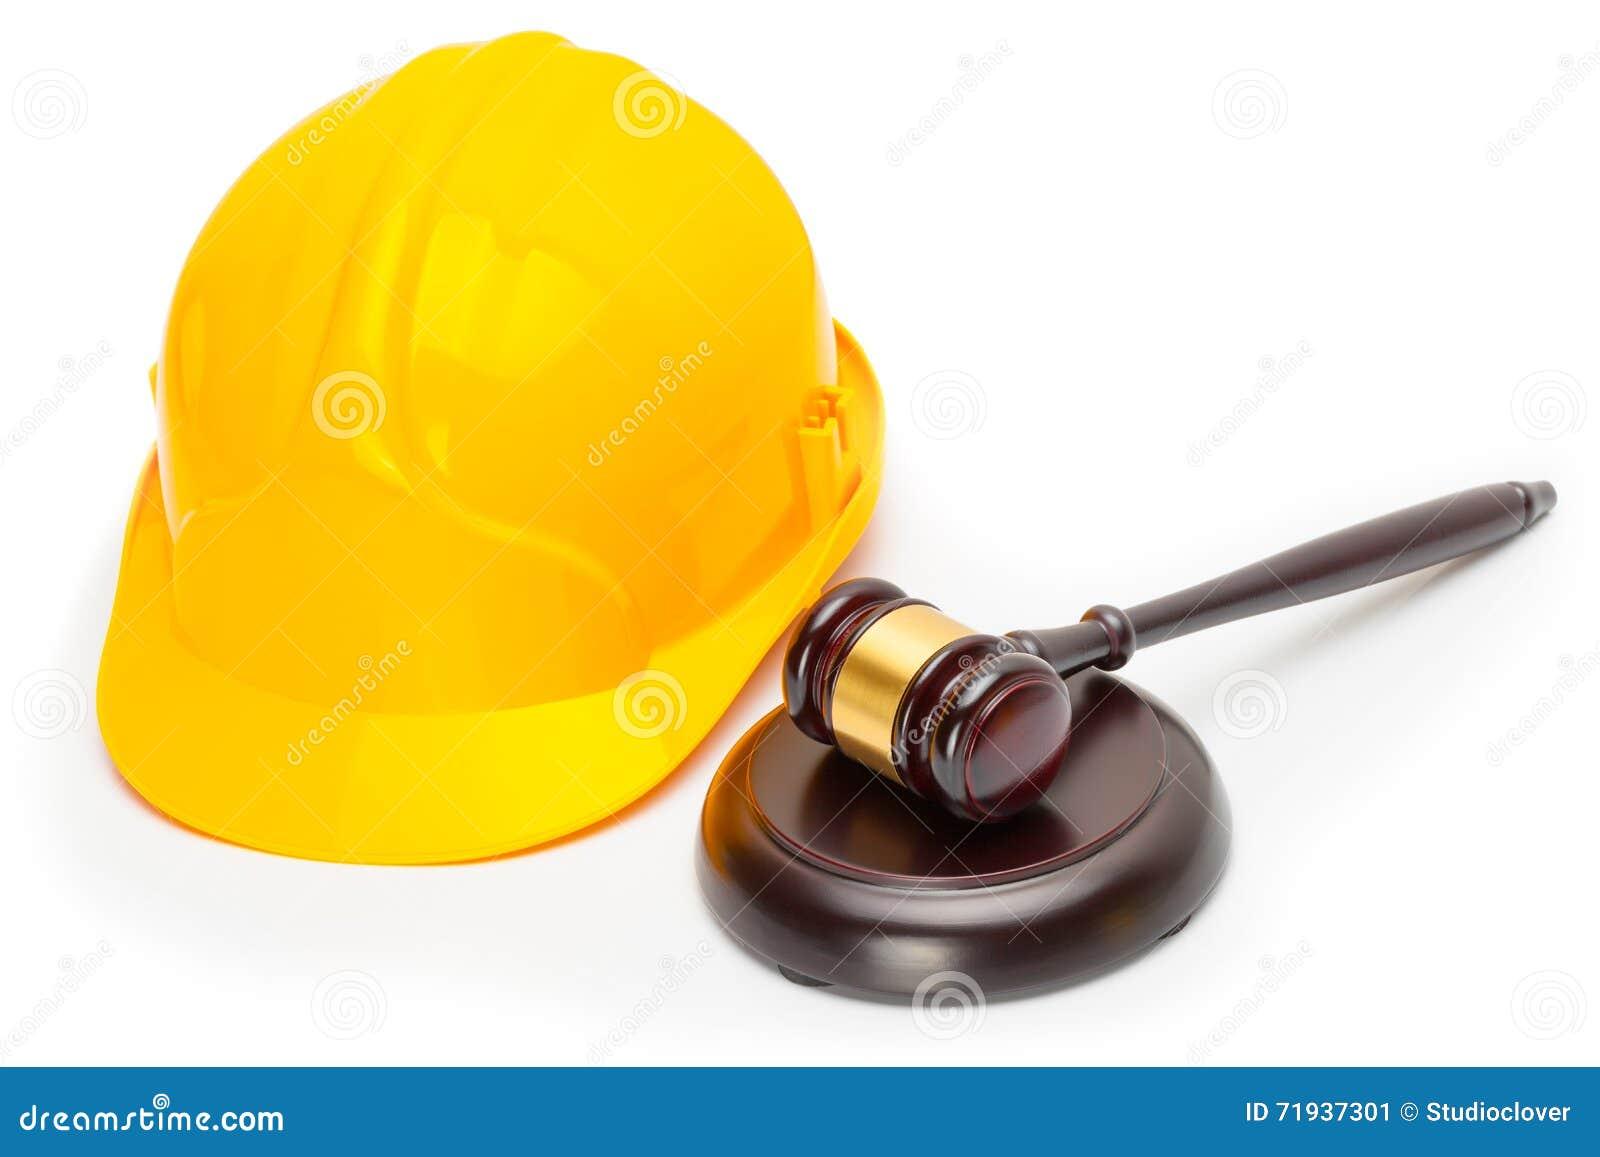 Деревянный молоток судьи с желтым защитным шлемом - всходом студии